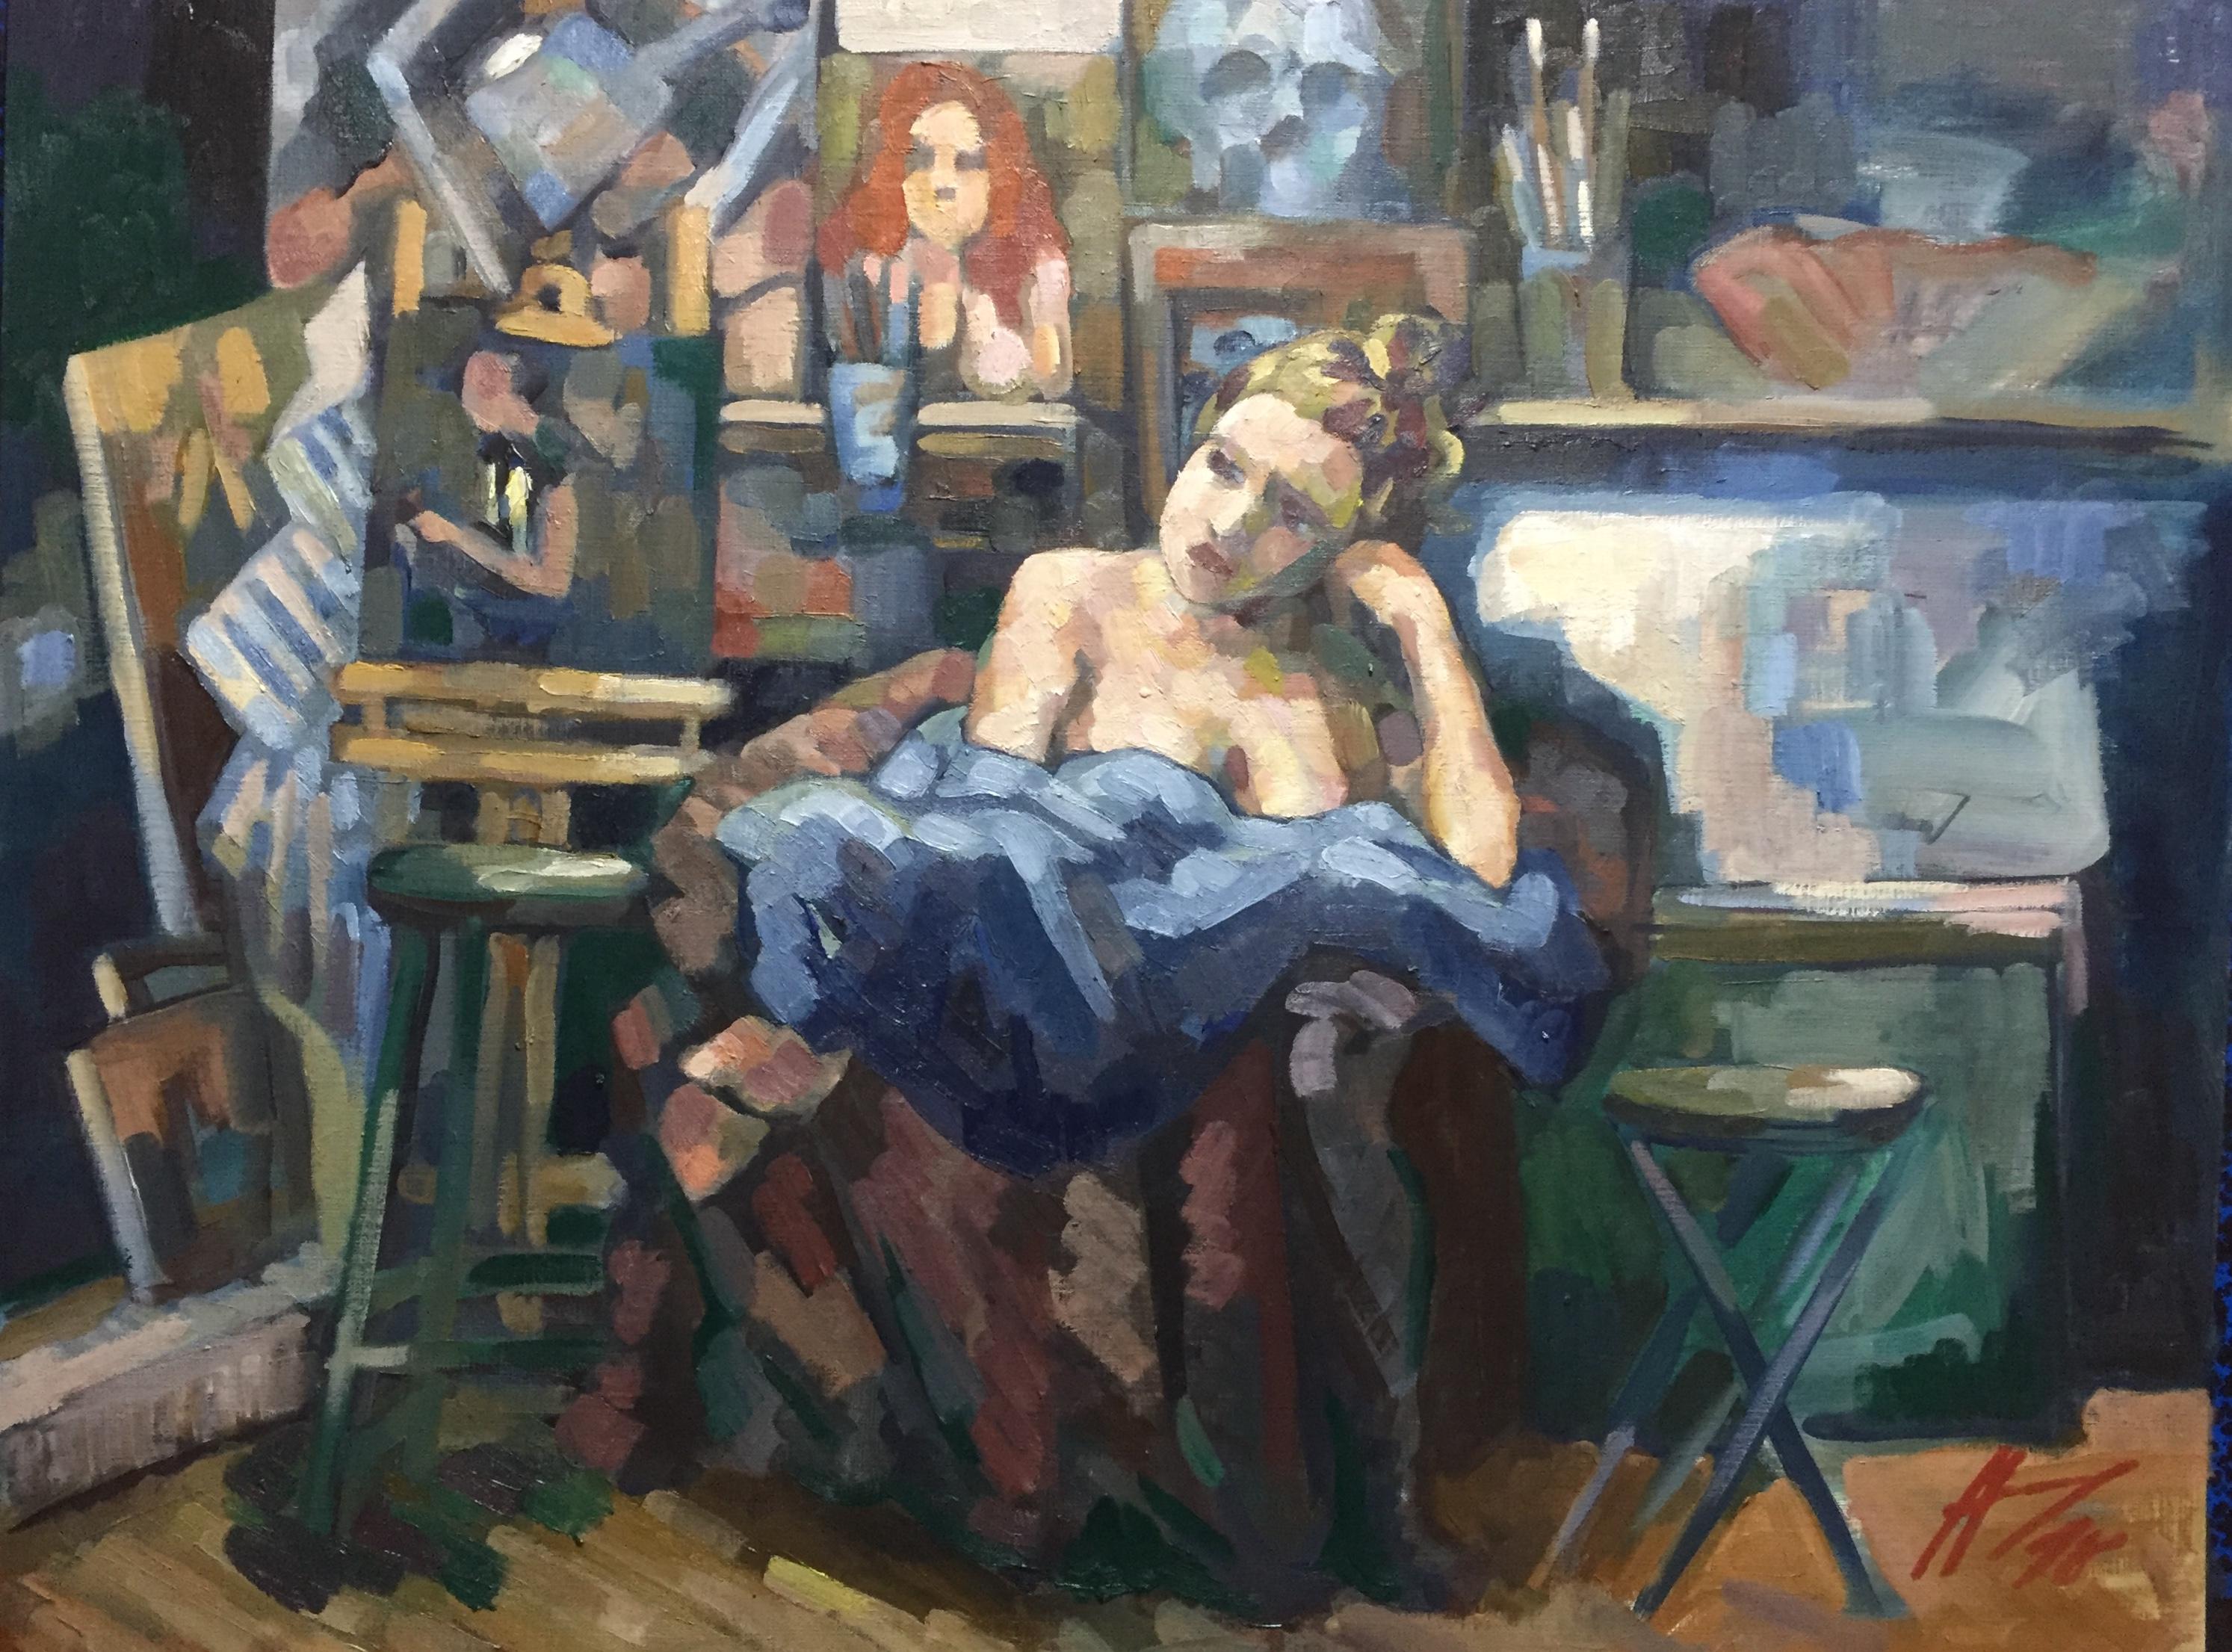 Interieurs 4 tome 2 ou l'amour et le crâne peinture à l'huile